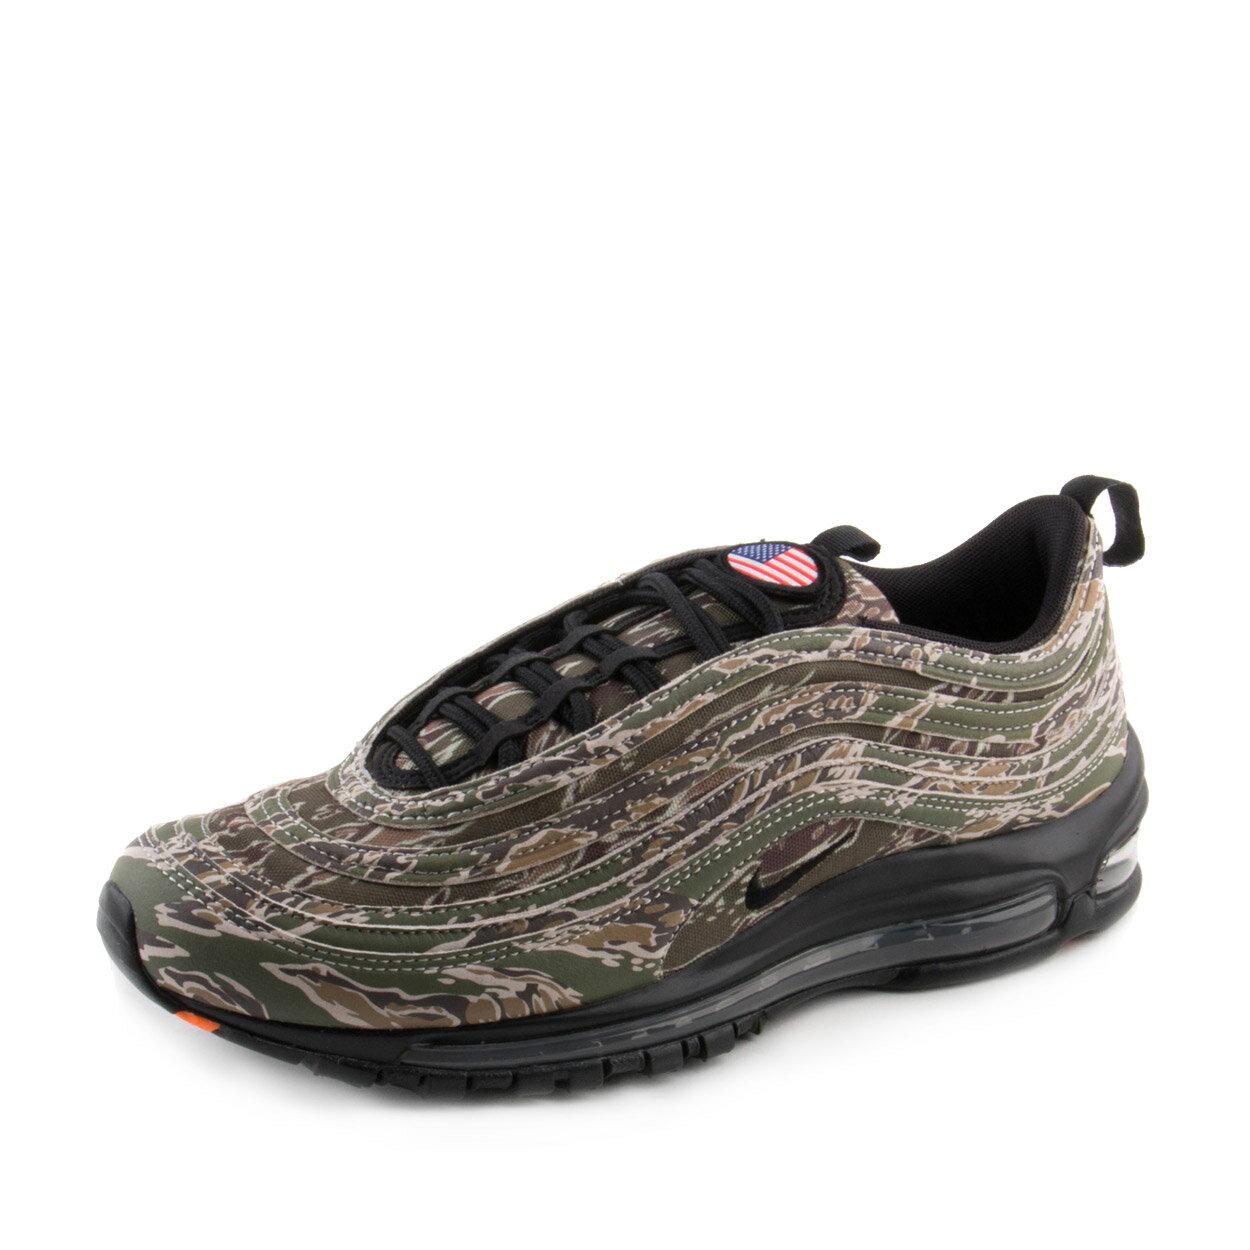 Nike Mens Air Max 97 Premium QS Country Camo